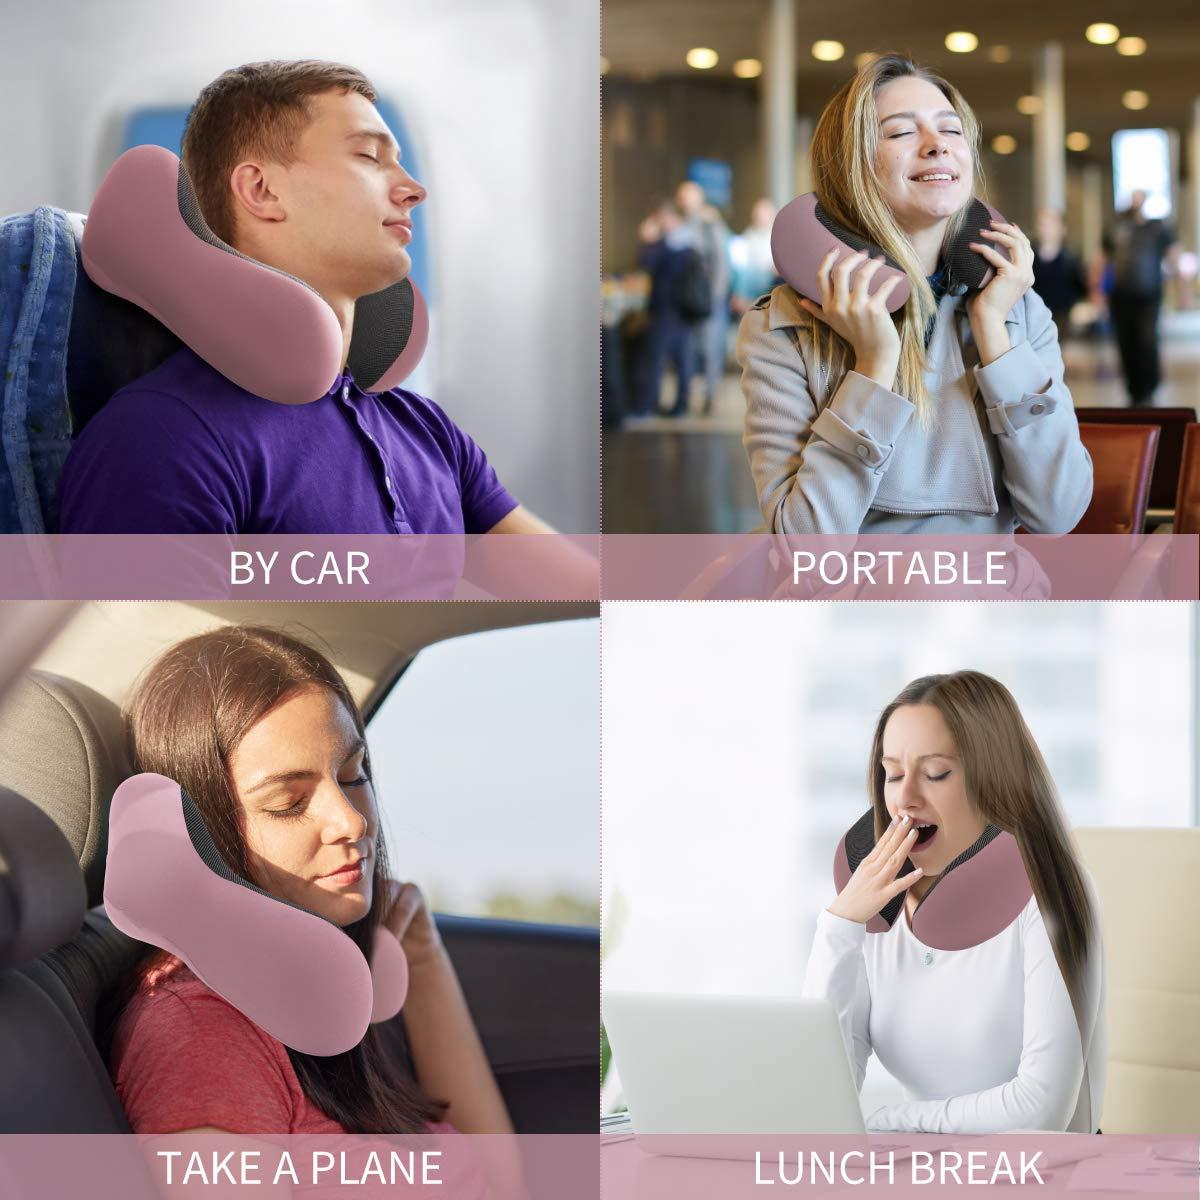 Almohada de Viaje 100% Pura Memoria Espuma Cuello Almohada para Aviones, Almohada súper Suave y Cómoda con Funda Lavable a Máquina, Kit de Viaje en Avión con Máscaras de Ojos Contorneadas 3D, Tapones